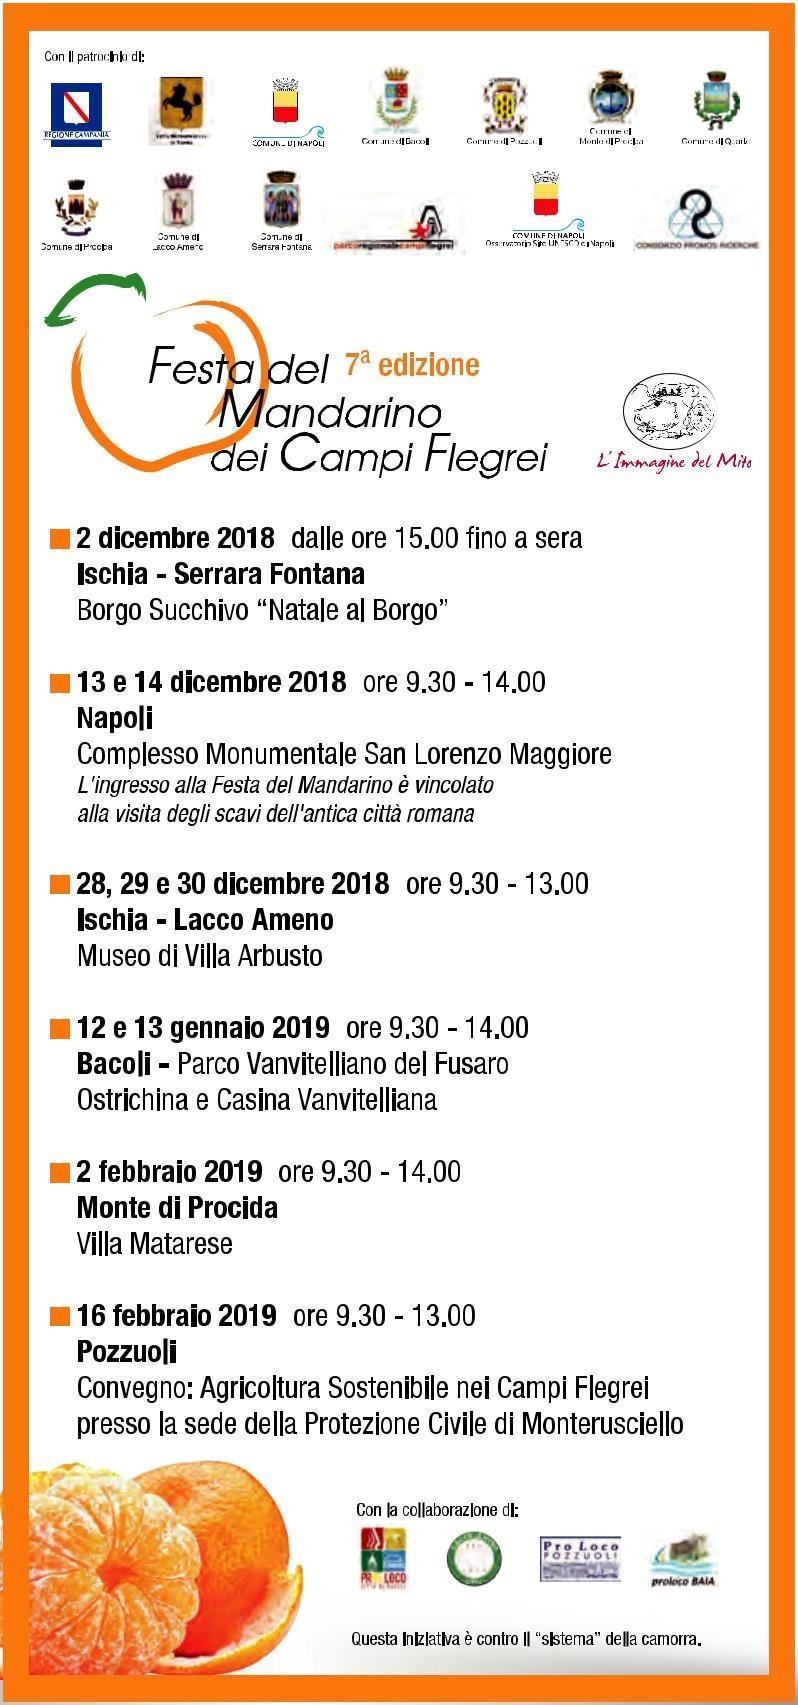 Festa del Mandarino dei Campi Flegrei - dal 02/12/2018 al 16/02/2019